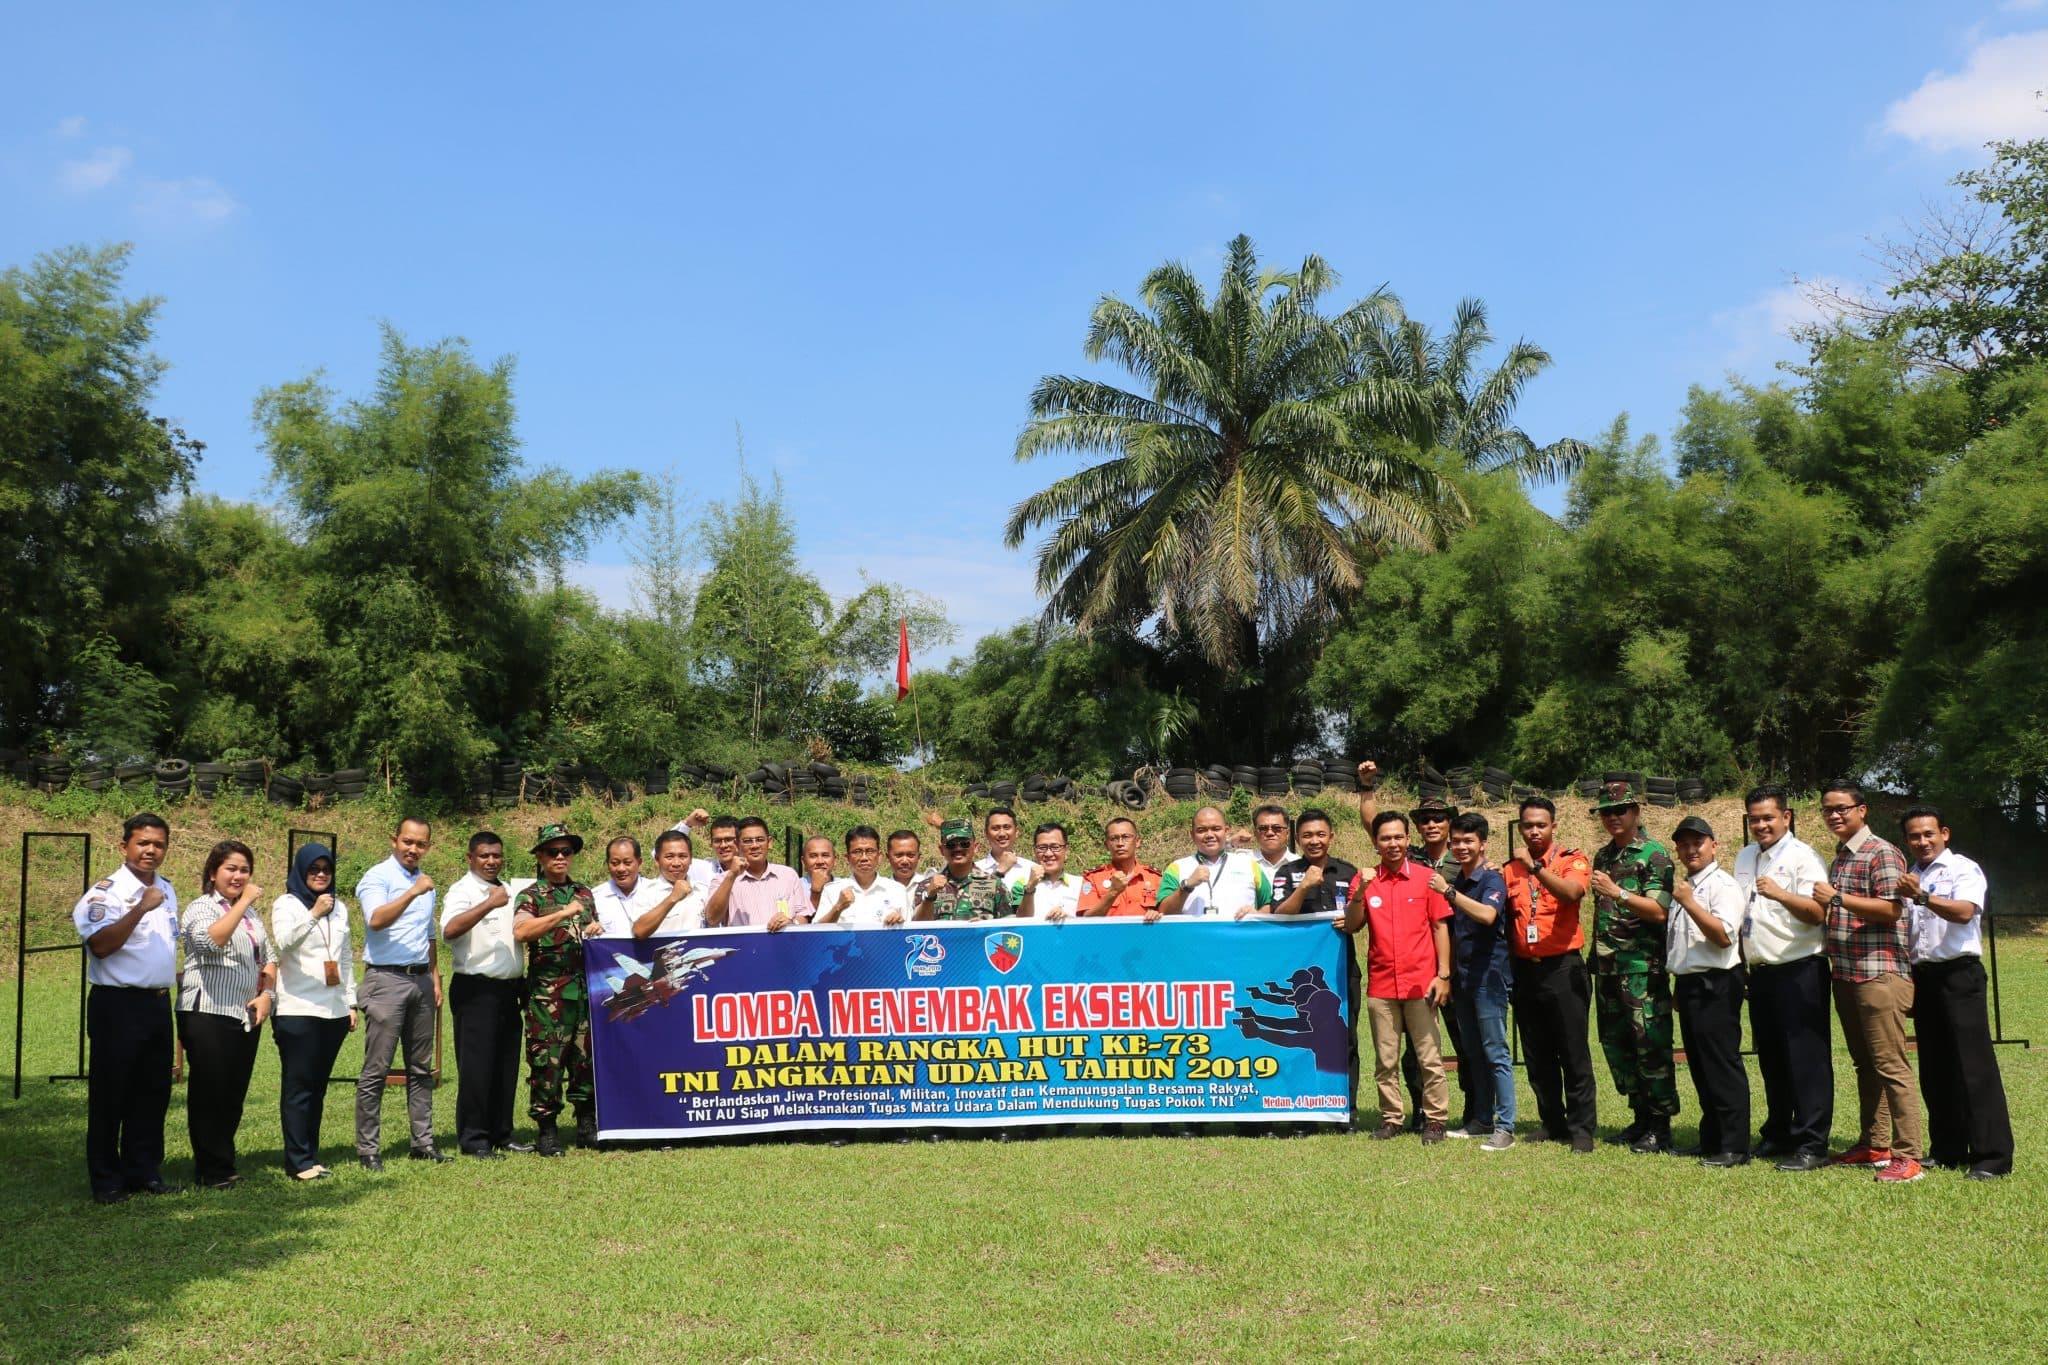 Sambut HUT ke-73 TNI AU, Lanud Soewondo Laksanakan Lomba Tembak Eksekutif